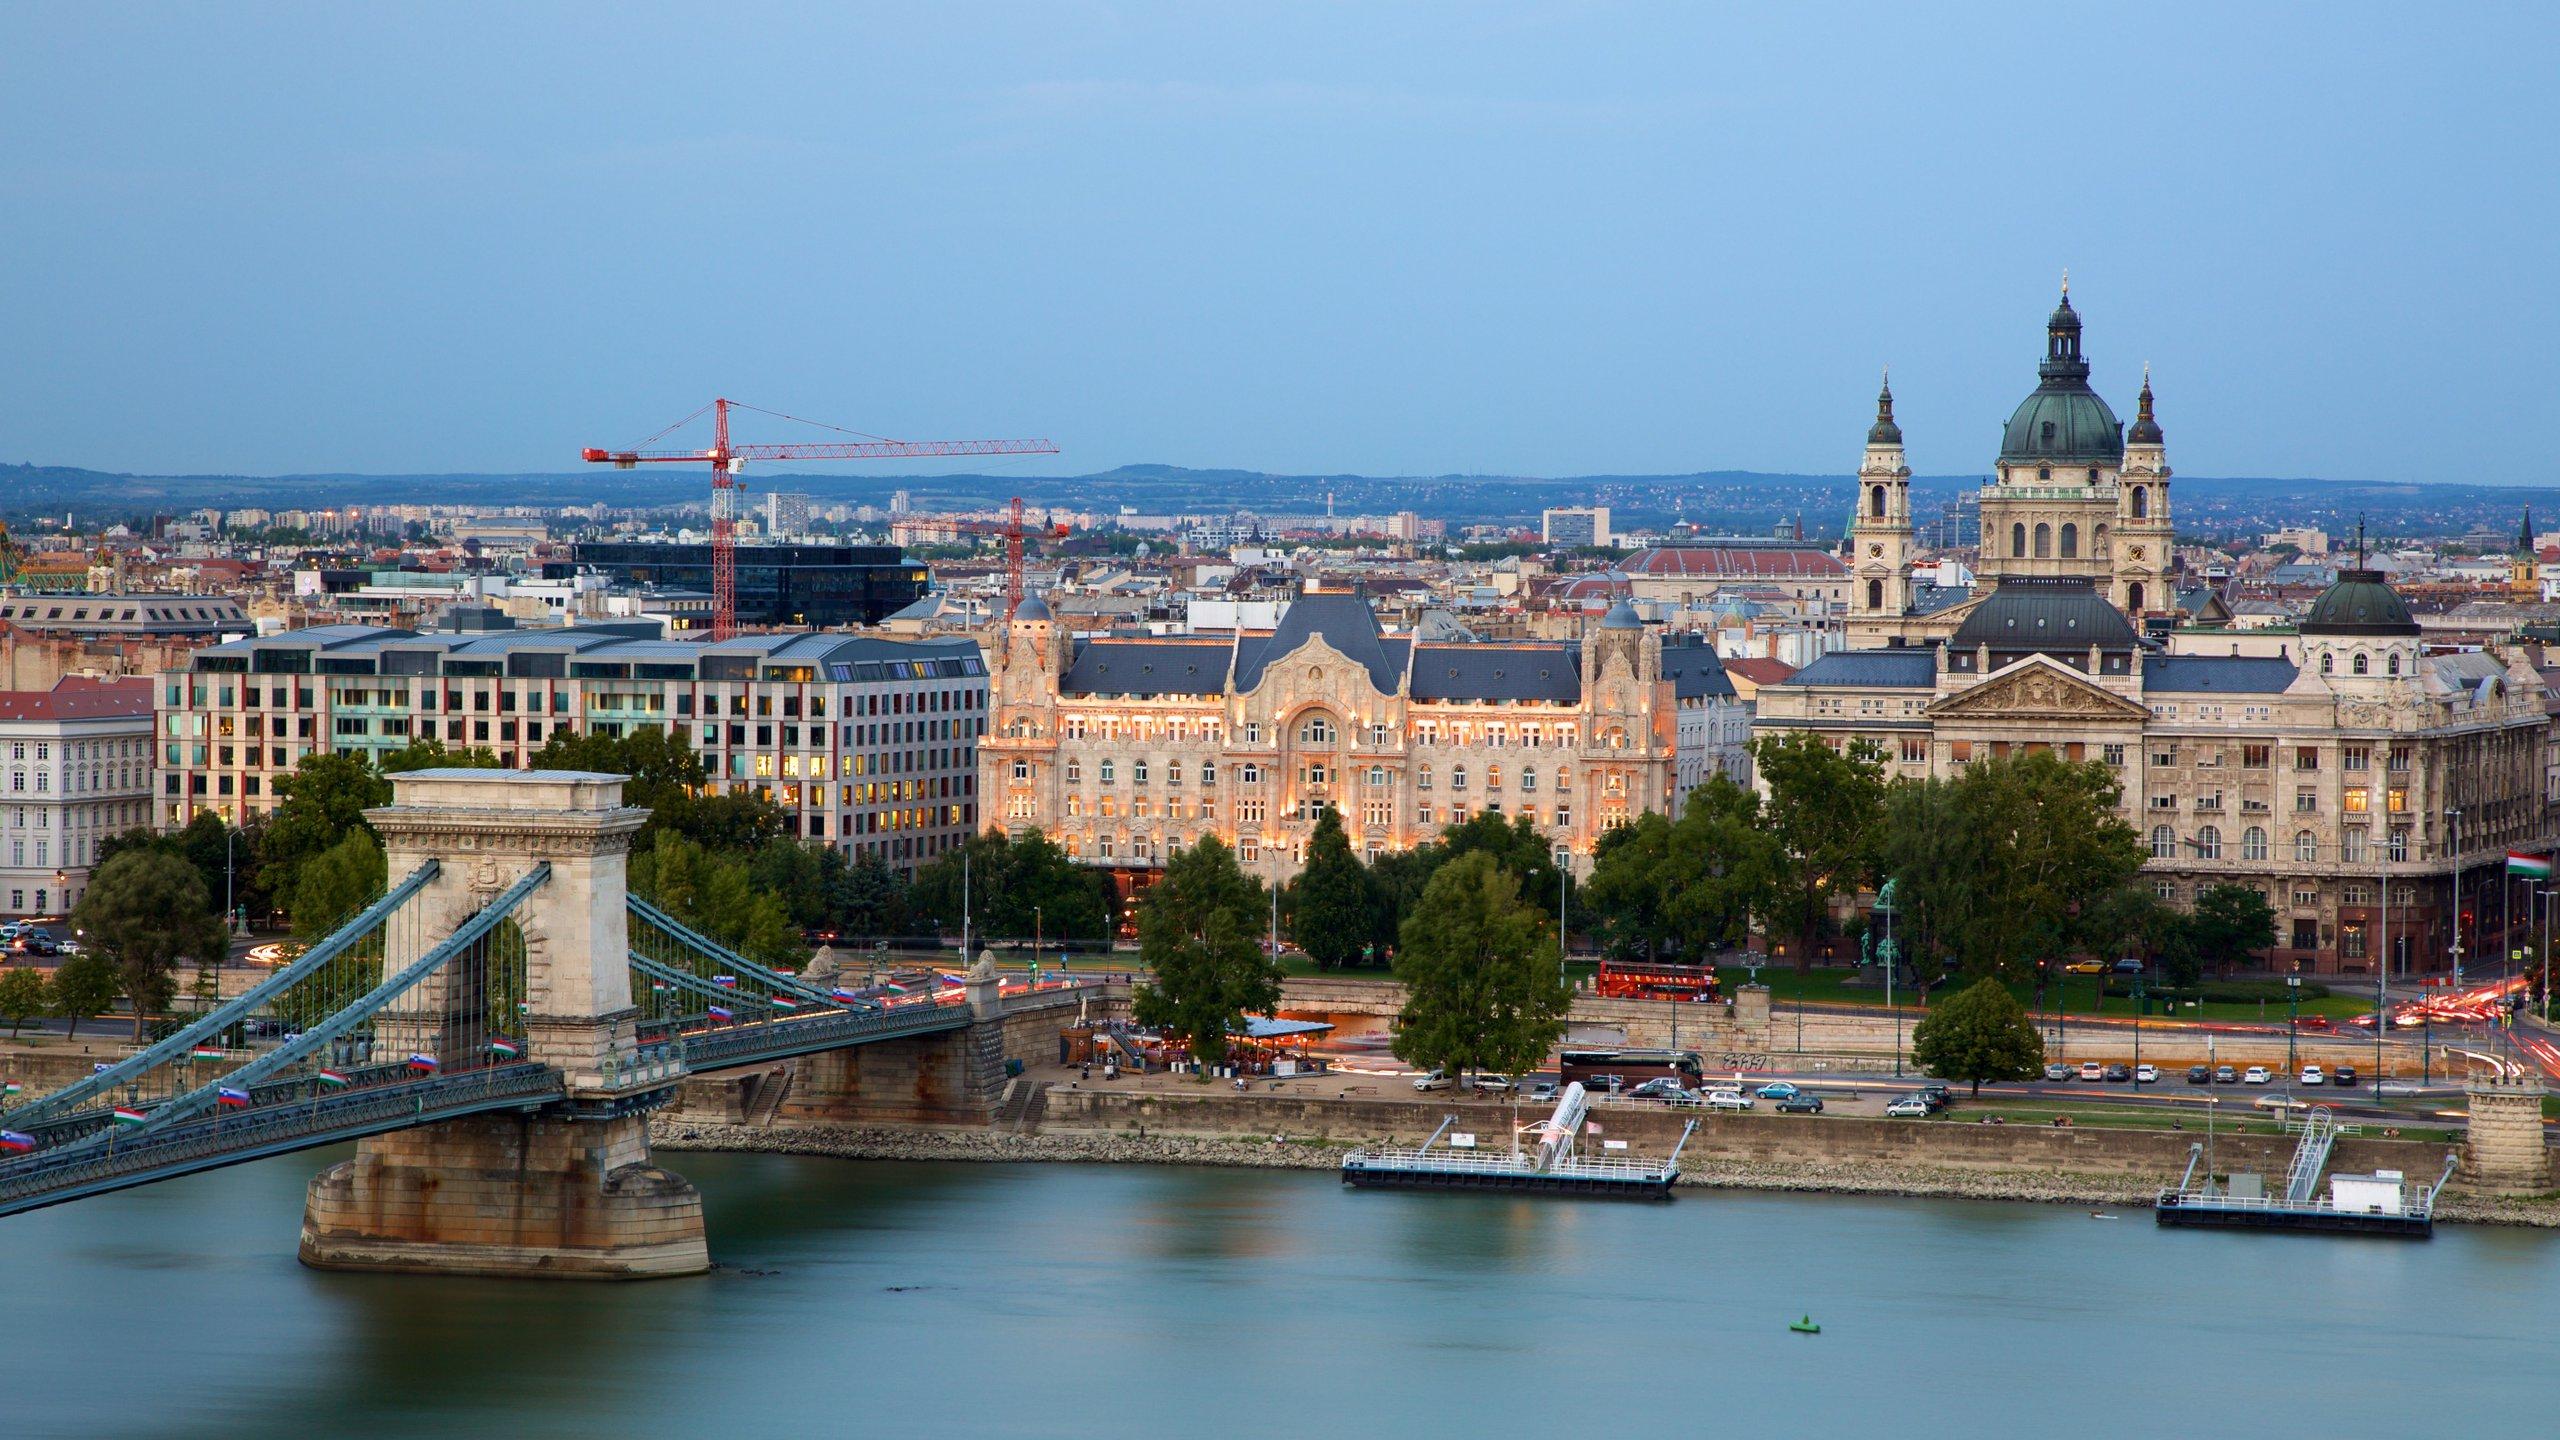 Ga met een lift naar de koepel van deze grote kerk om het prachtige uitzicht over Budapest en de Donau te bewonderen.